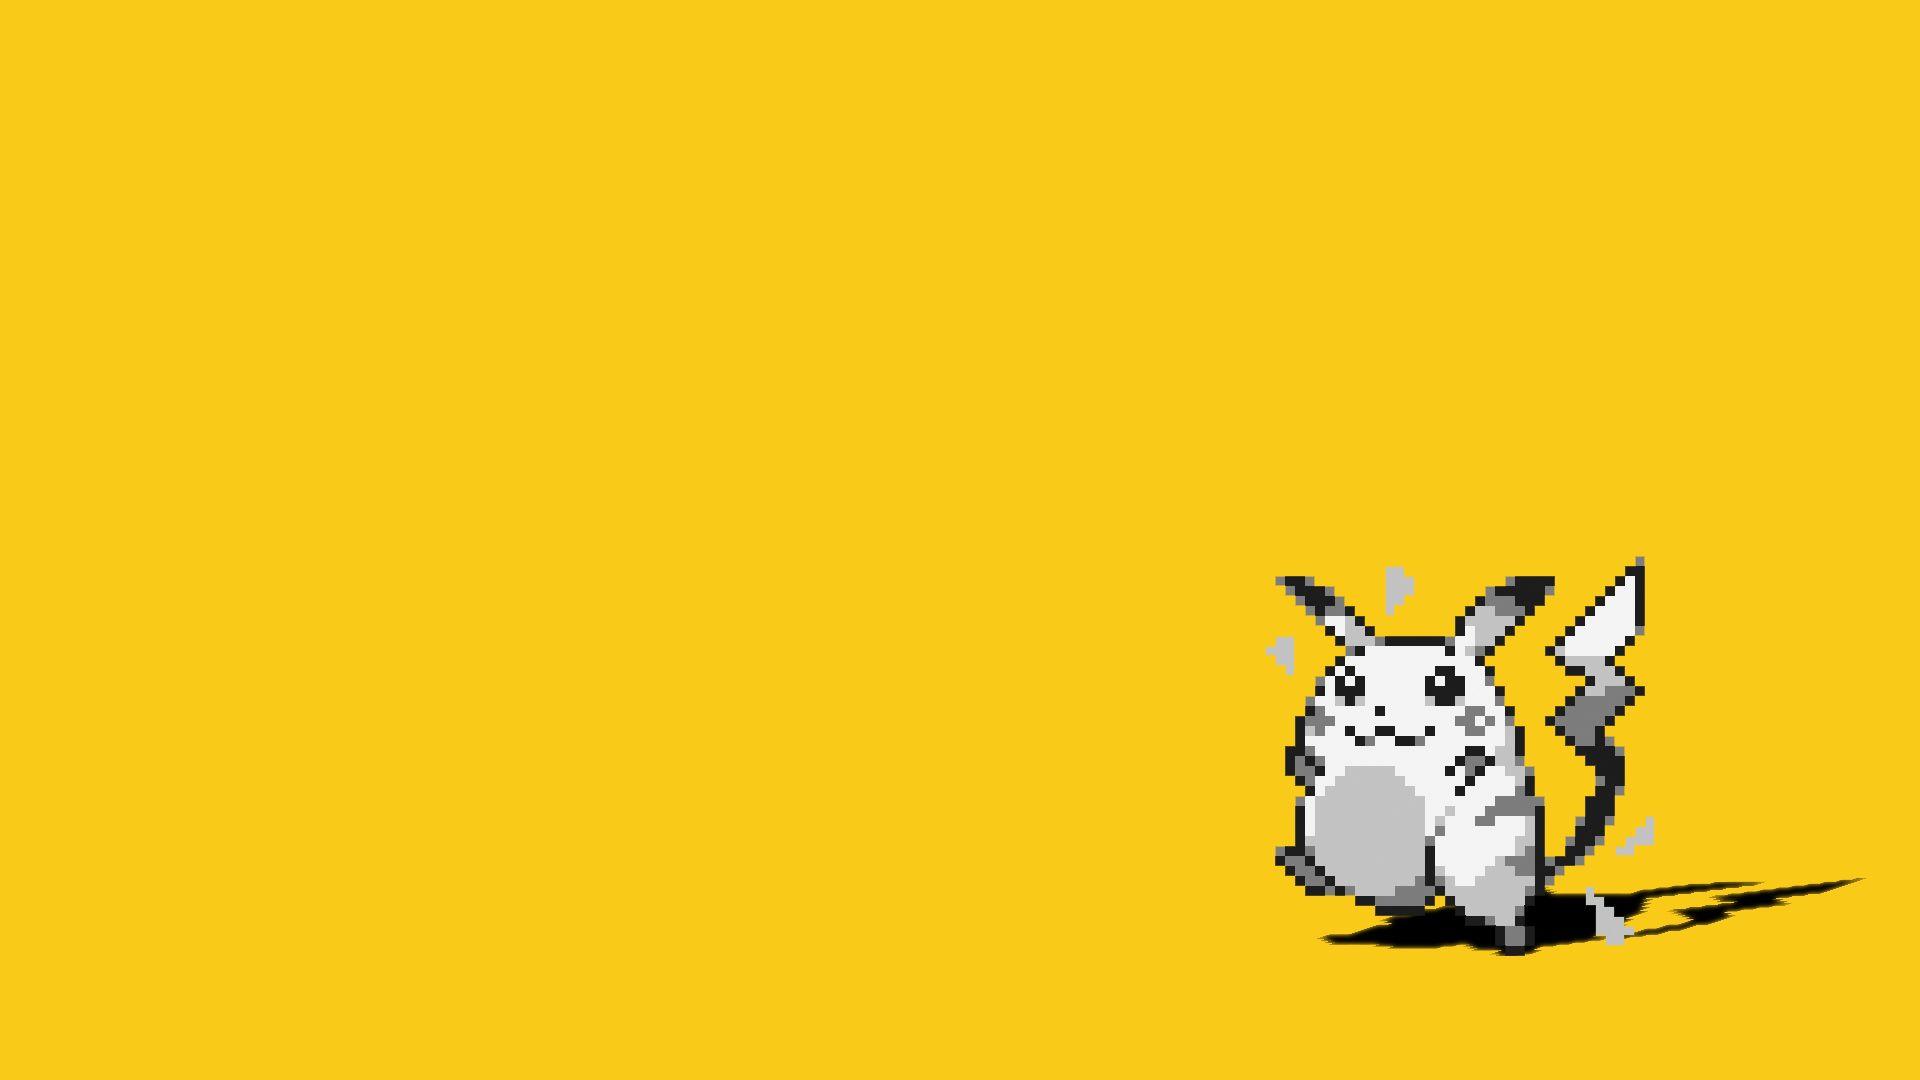 Pikachu HD Wallpaper 1920x1080 ID45391 Pikachu